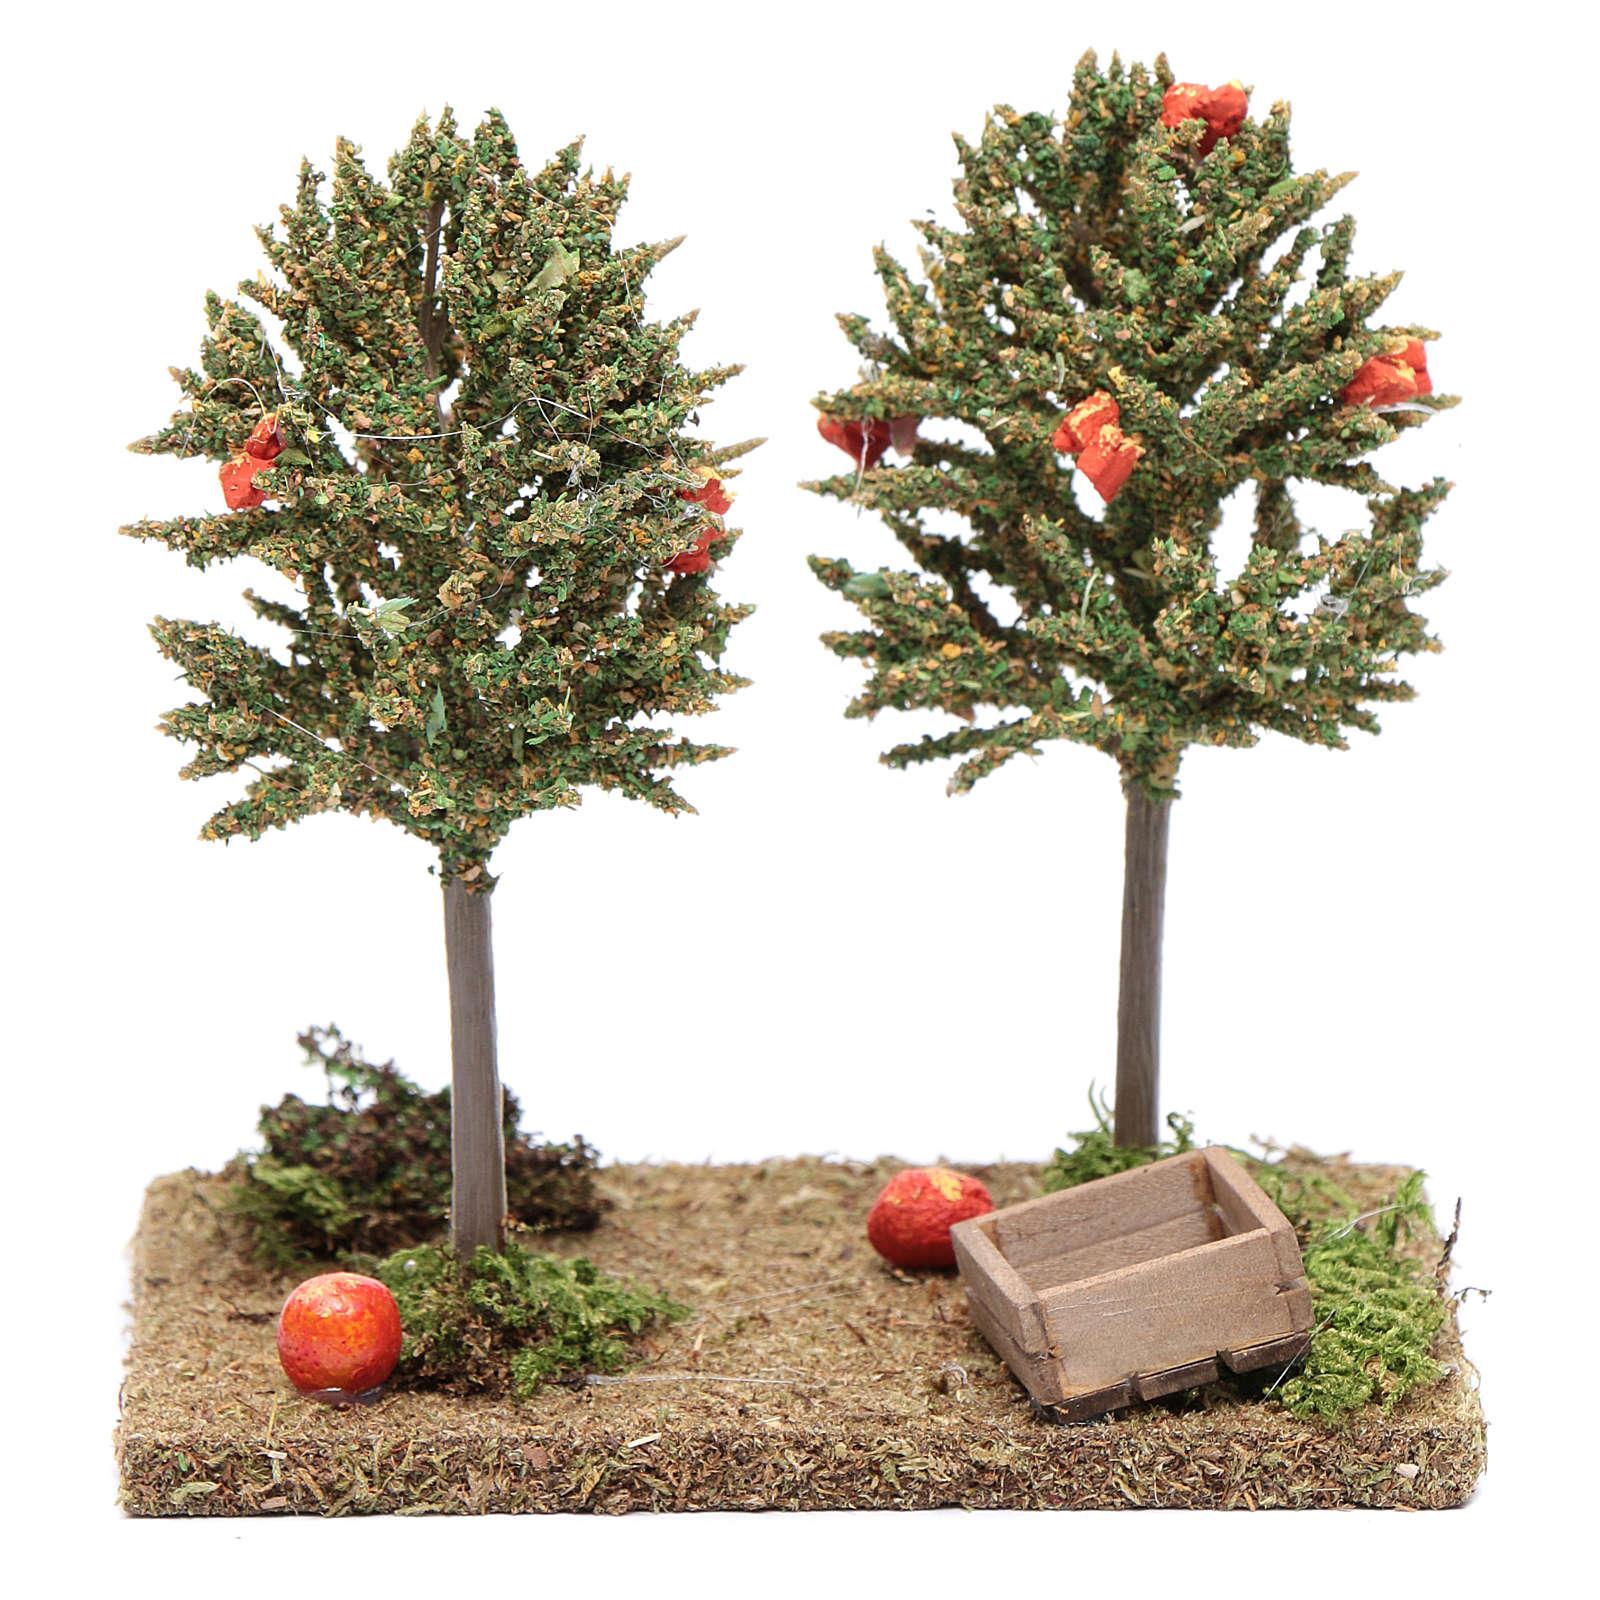 Drzewa pomarańczowe z owocami do szopki 15x10x10 cm 4